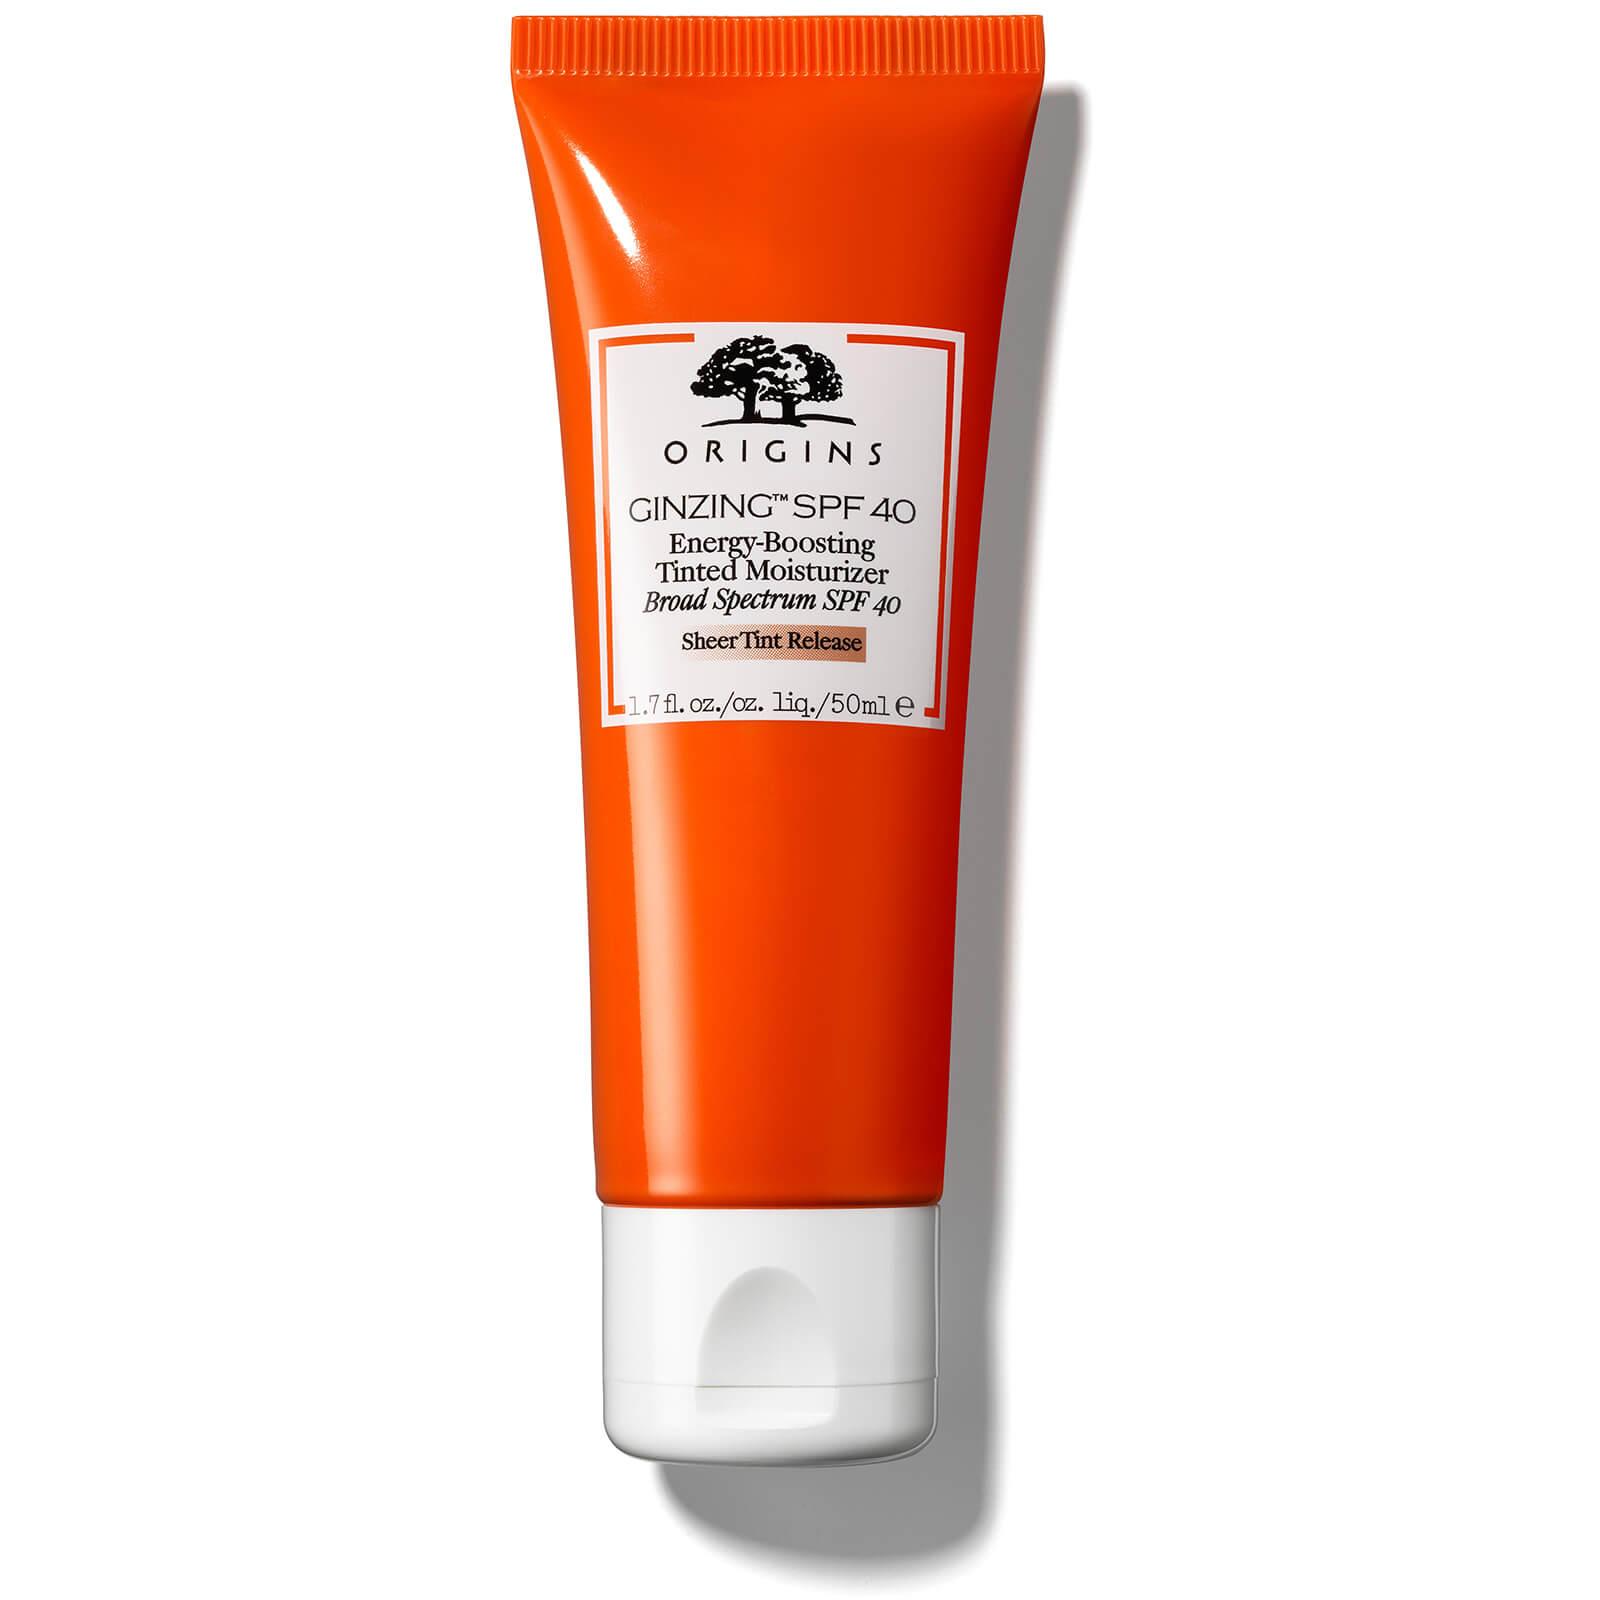 Origins GinZing™ Energy-Boosting Tinted Moisturiser SPF40 70 лв. Подходящ за всеки тип кожа, включително суха, смесена и мазна, нежният лосион обгрижва кожата, хидратирайки я и осигурявайки надеждна защита.